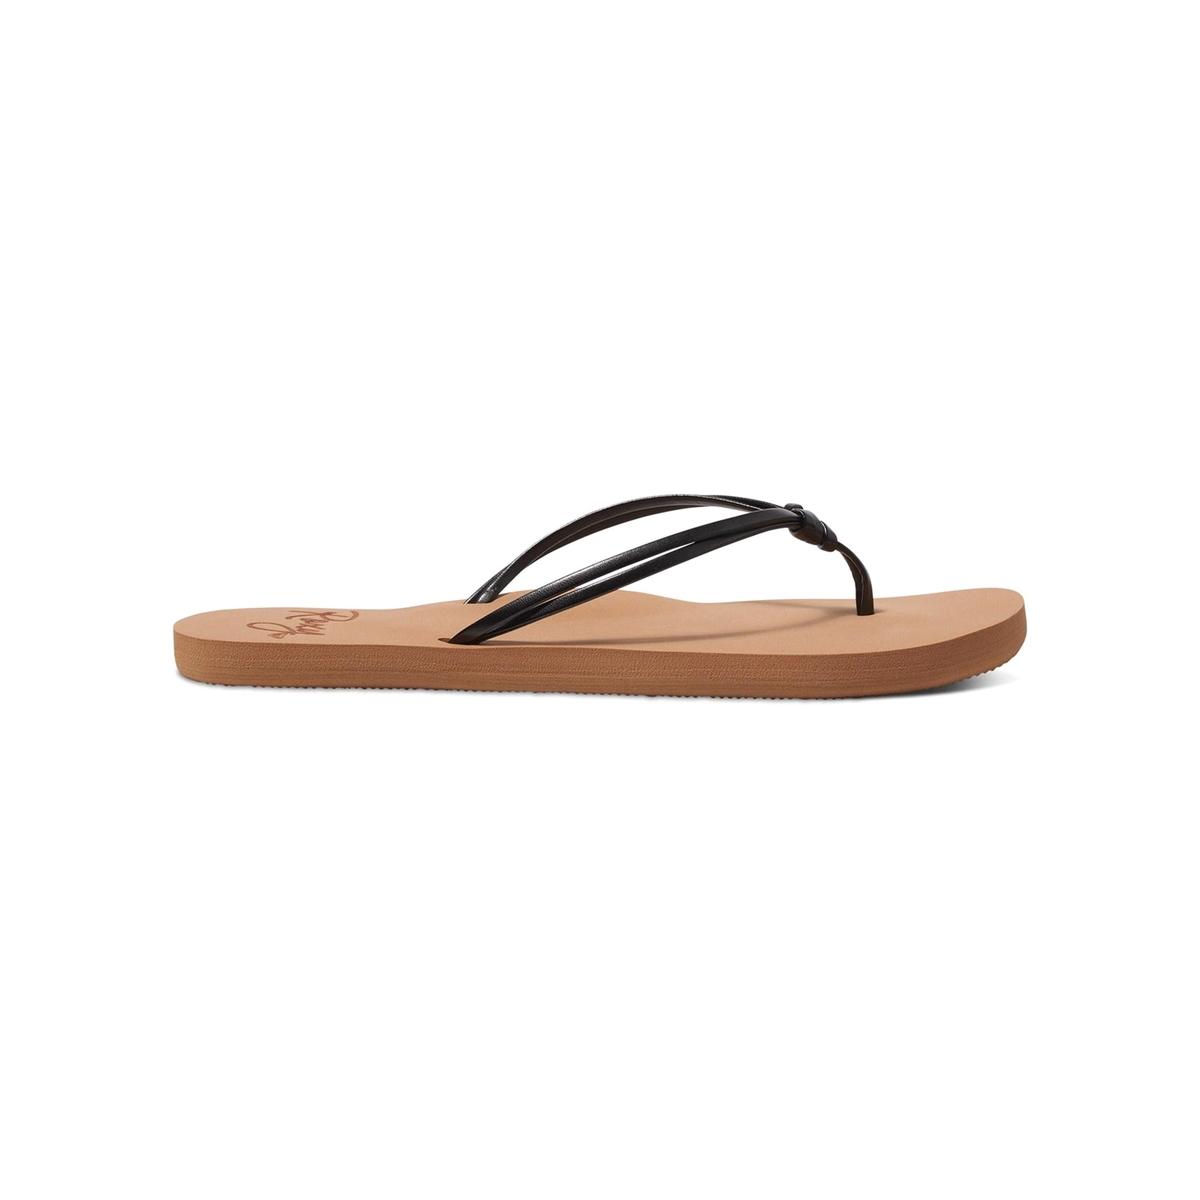 Вьетнамки LahainaВерх : синтетика   Подошва : каучук   Форма каблука : плоский каблук   Мысок : открытый мысок   Застежка : без застежки<br><br>Цвет: черный<br>Размер: 37